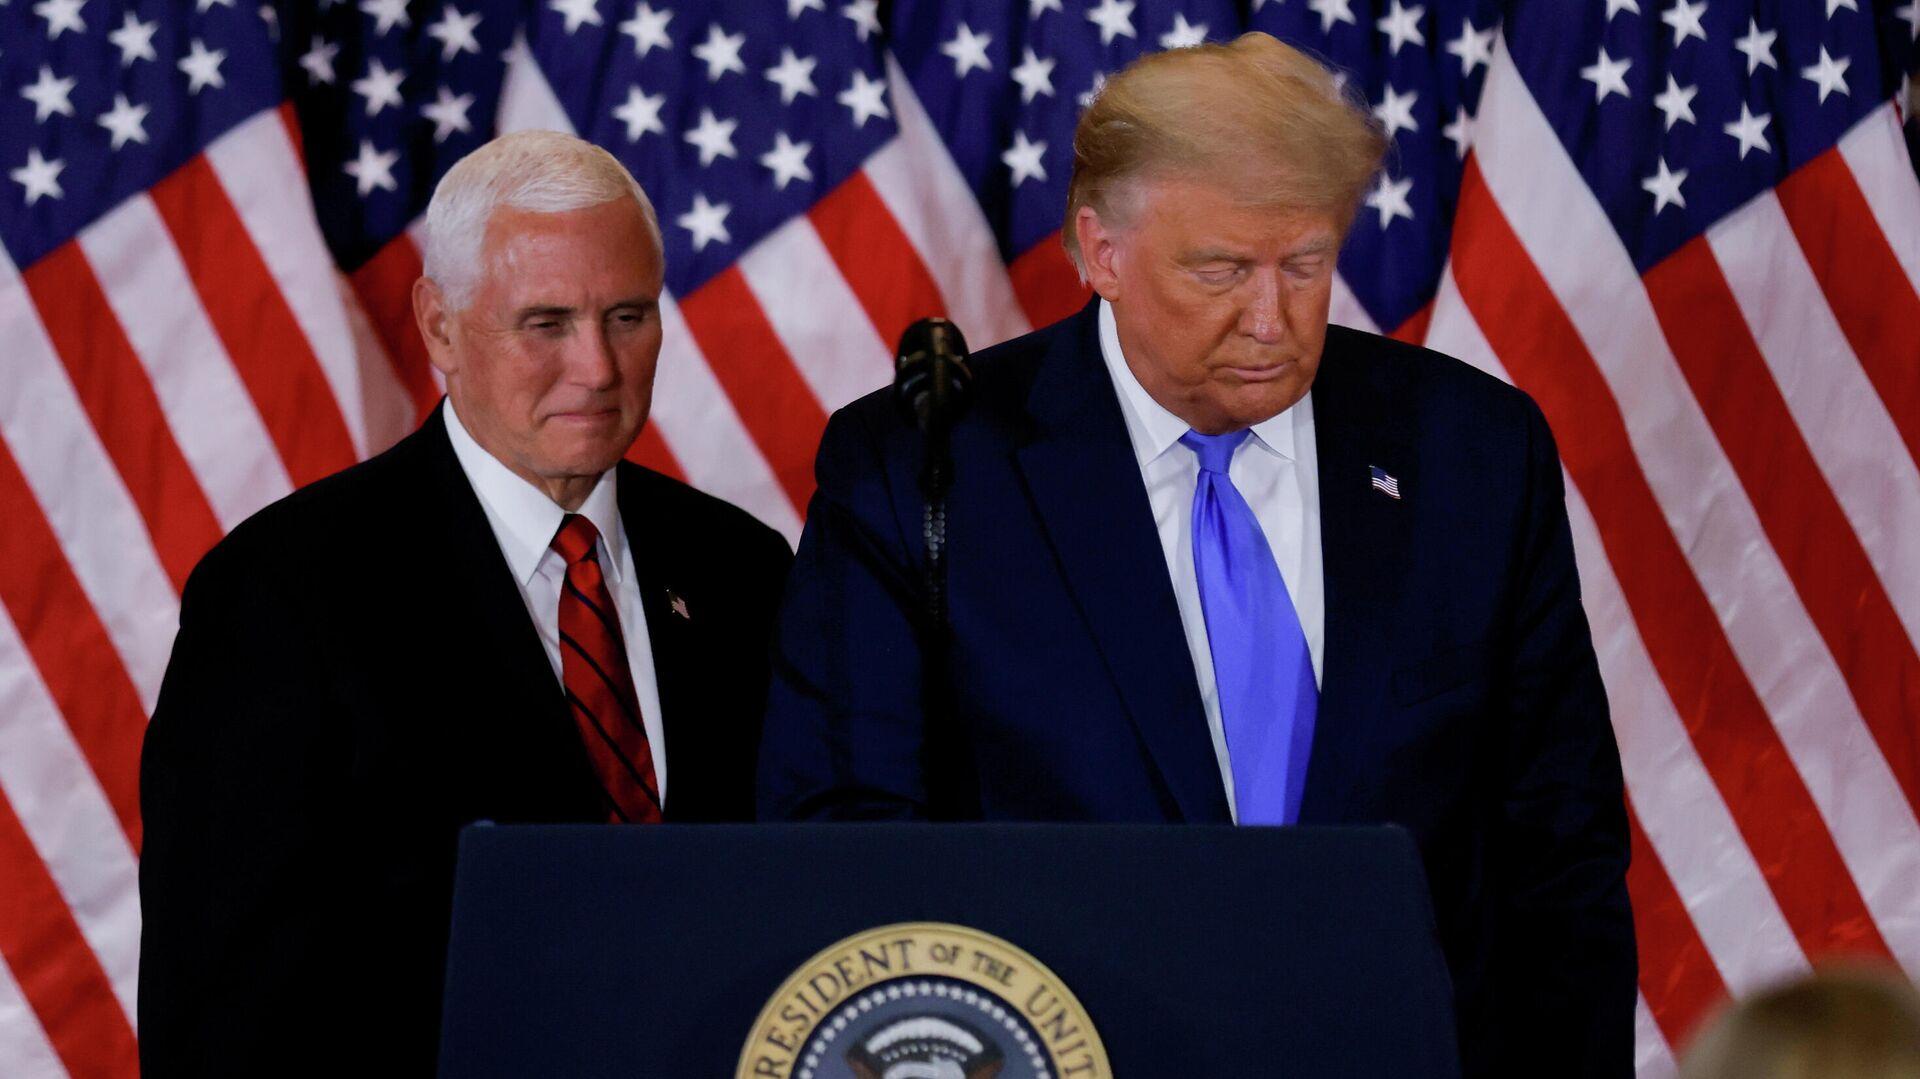 Президент США Дональд Трамп и вице-президент Майк Пенс в Восточной комнате Белого дома в Вашингтоне, США - РИА Новости, 1920, 13.01.2021